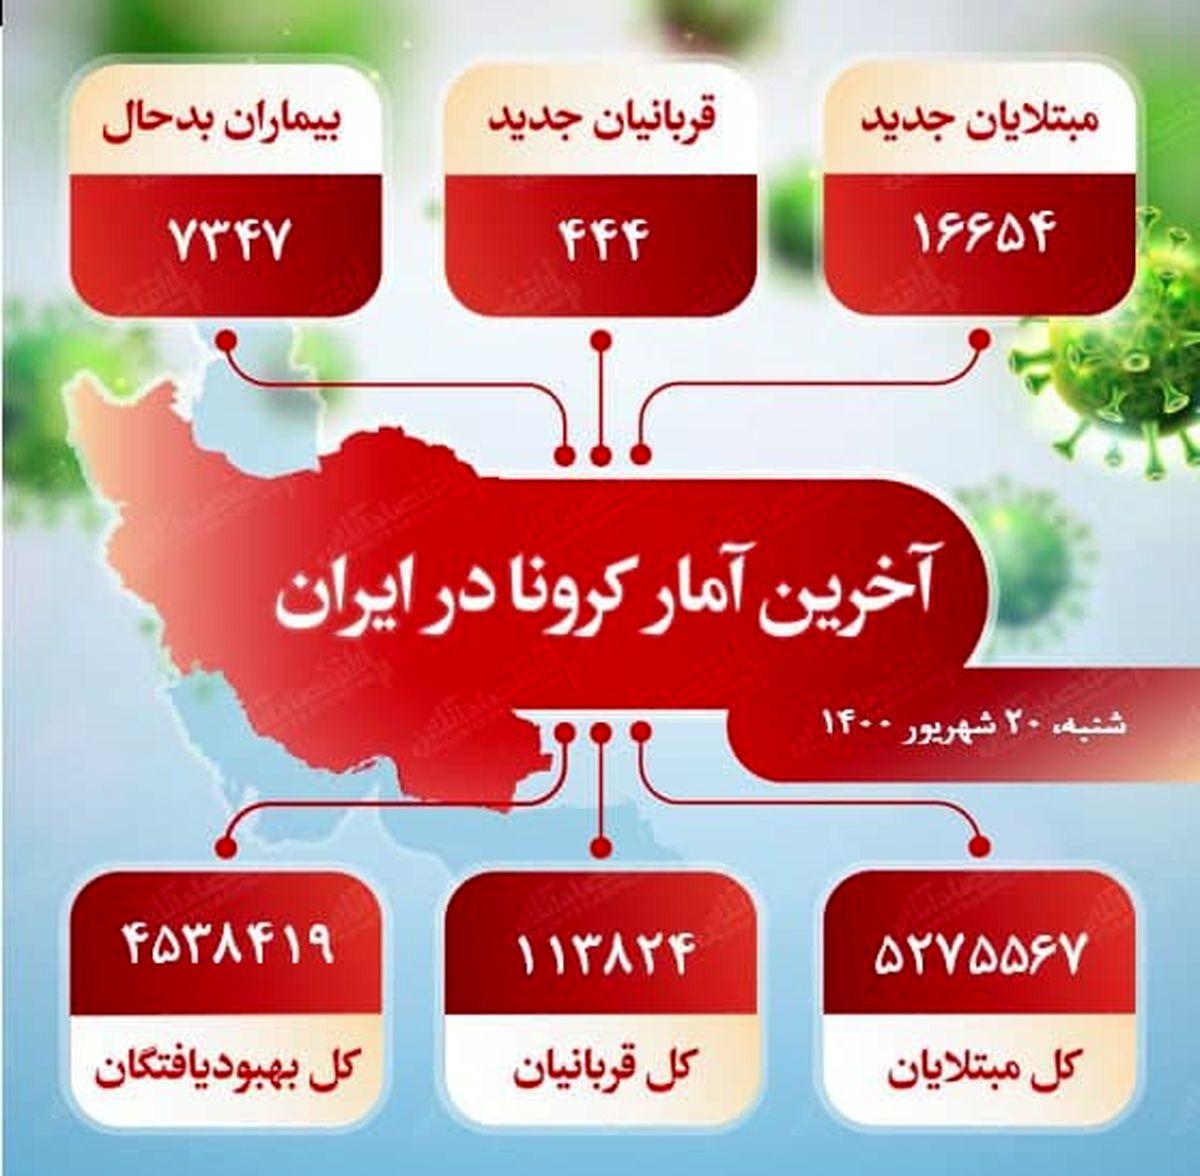 آخرین آمار کرونا در ایران (۱۴۰۰/۶/۲۰)